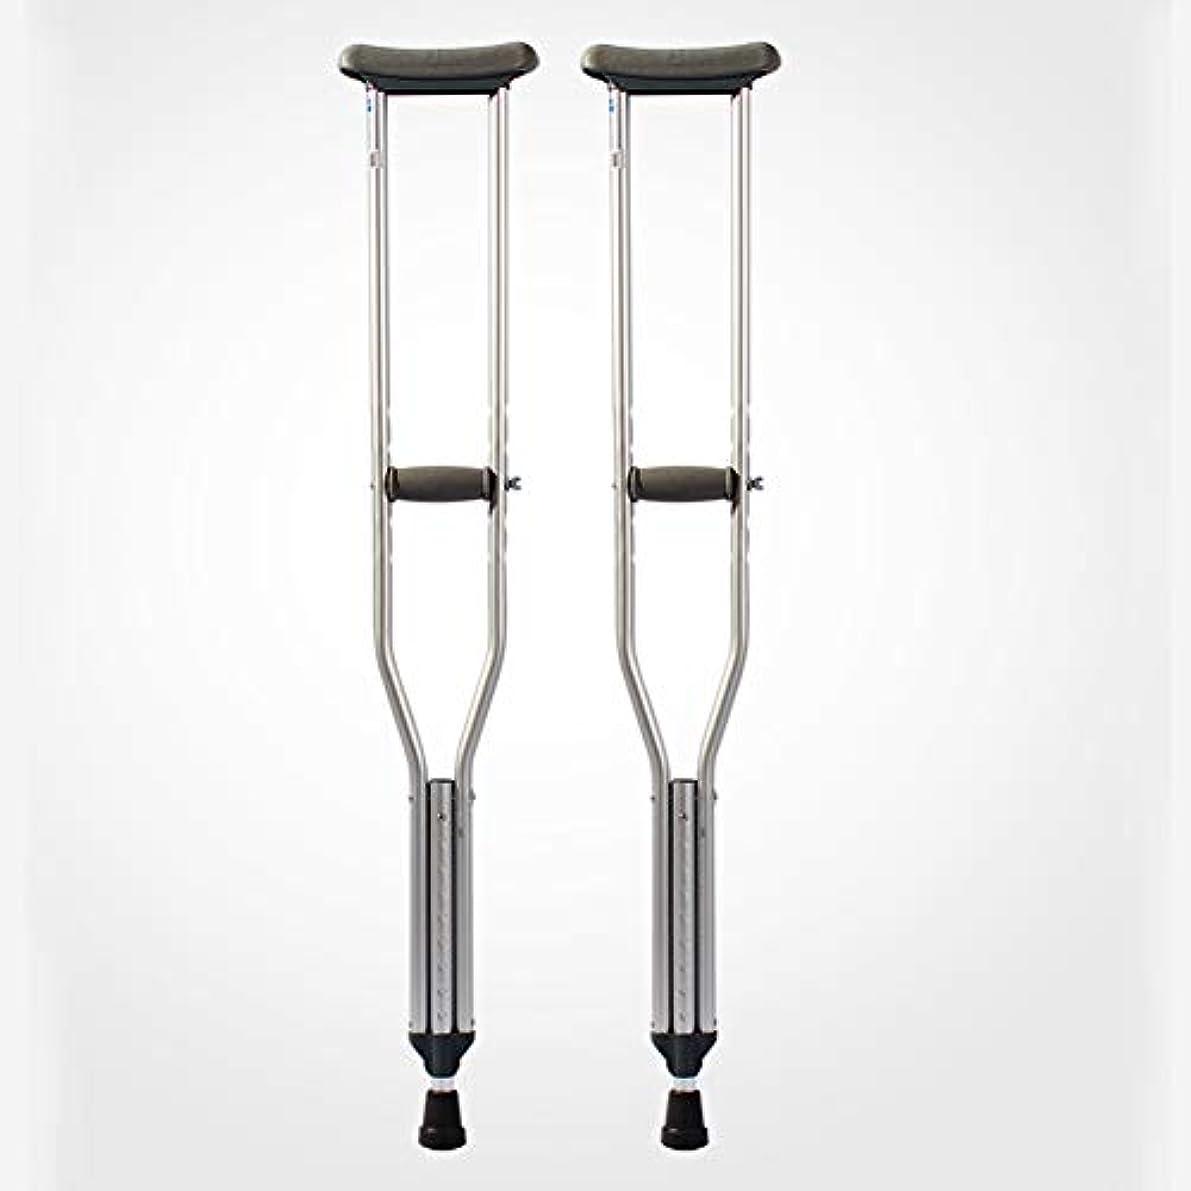 全国葉を拾うタクシー松葉杖、脇の下の松葉杖の調節可能な高さは旅行や仕事に最適です軽量アルミニウム松葉杖は、快適な脇の下パッドとハンドグリップ(ペア)を持っています